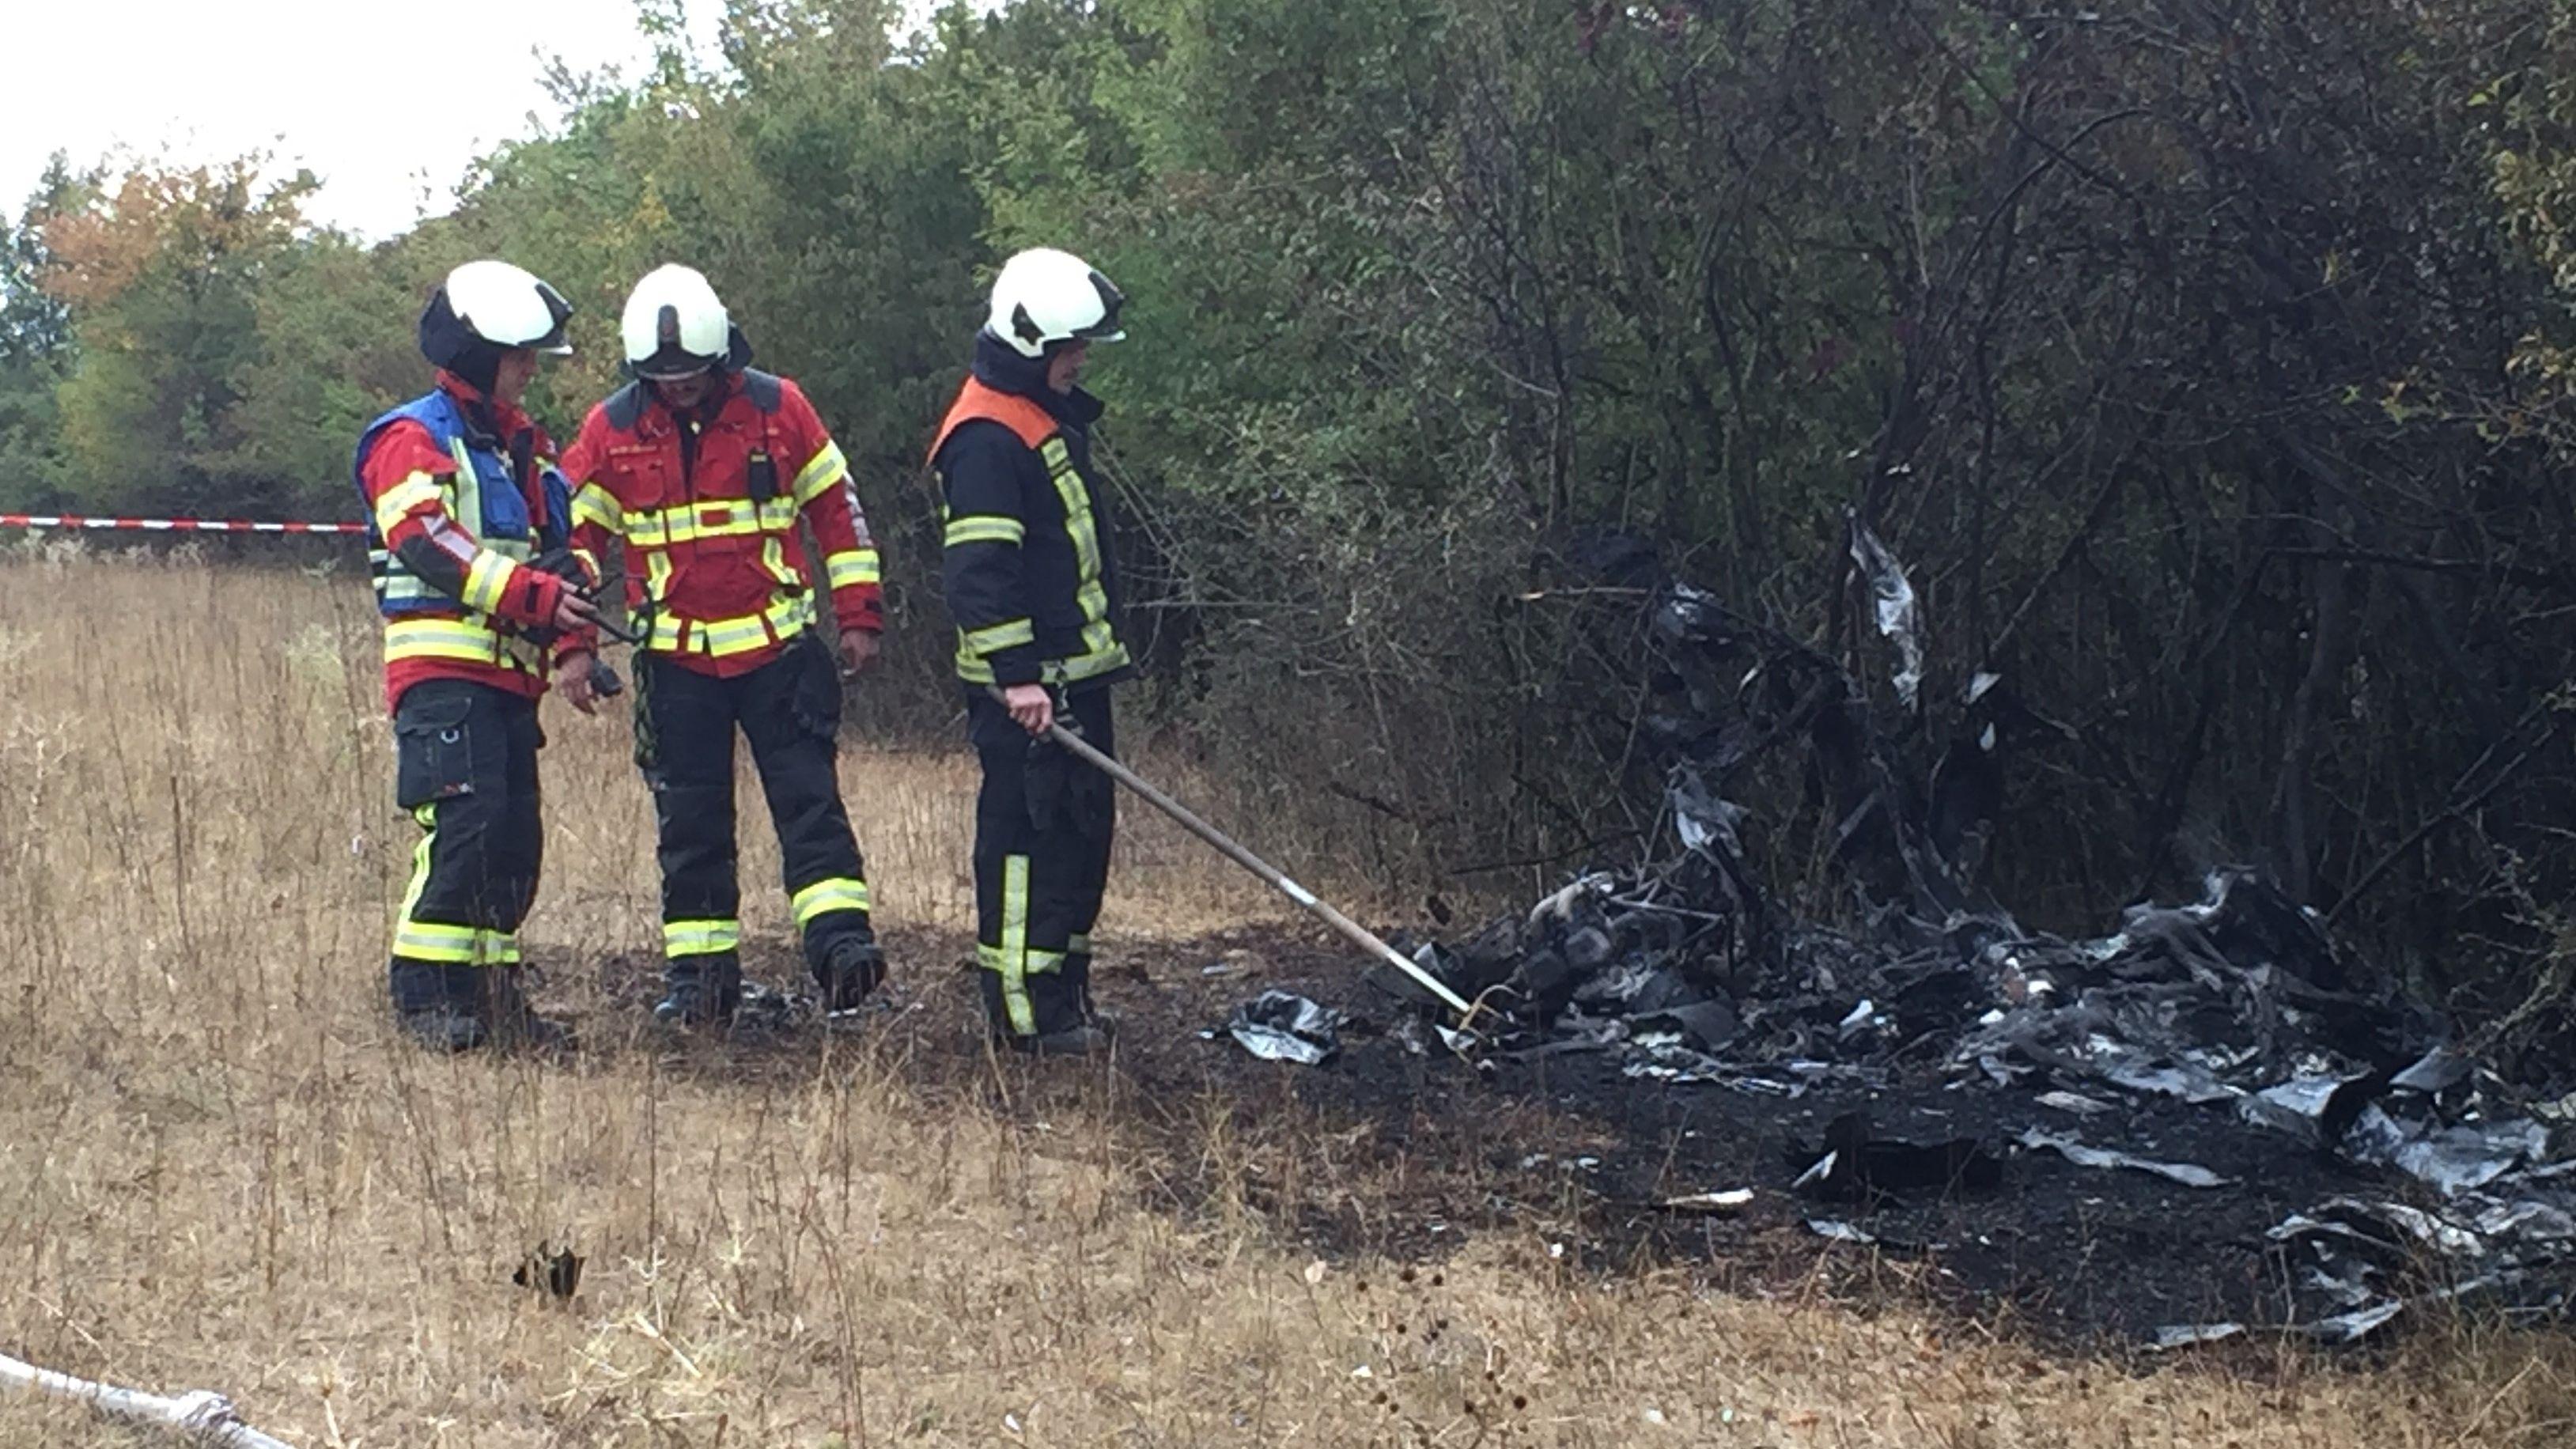 Feuerwehrleute vor den Resten eines Ultraleichtflugzeugs